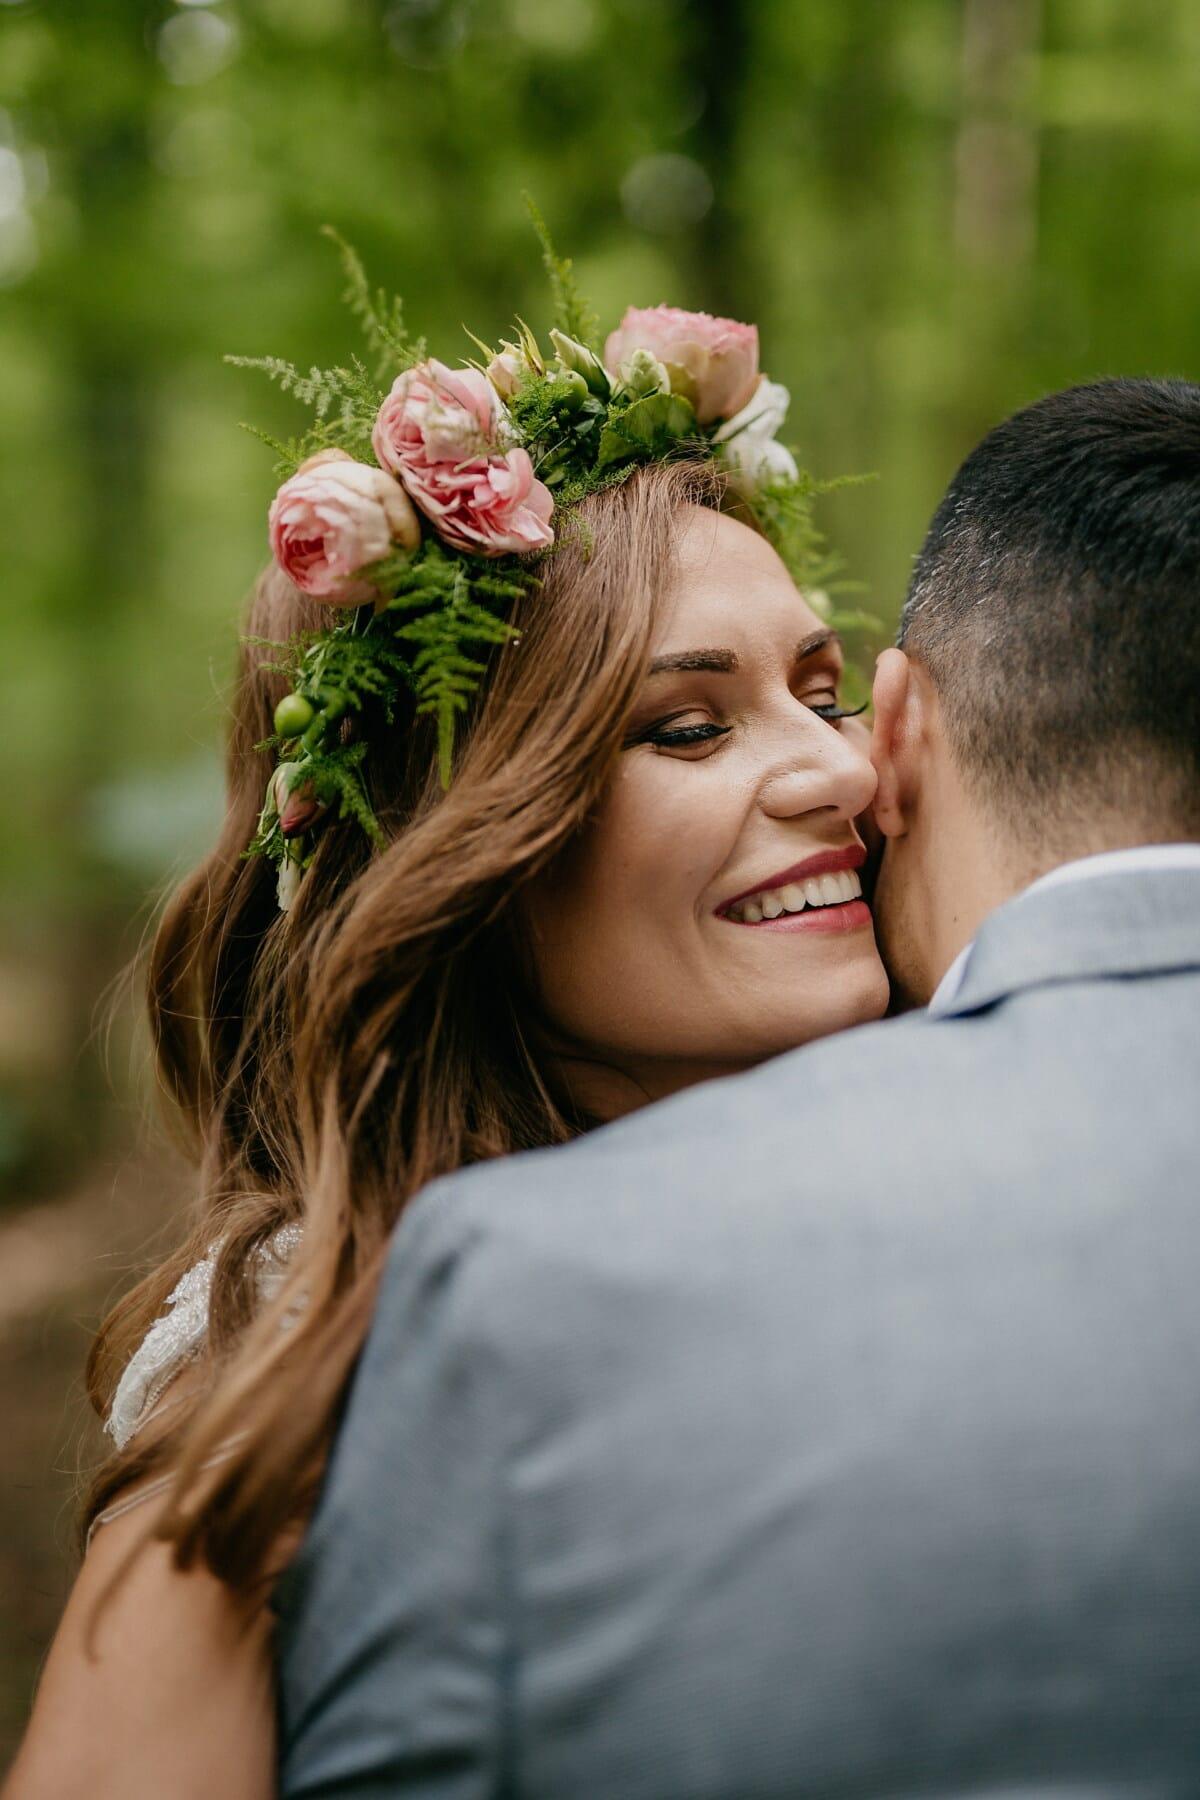 Lady, smukke, kærlighedsdag, hugging, elsker, glad, par, brudgom, smil, sammen